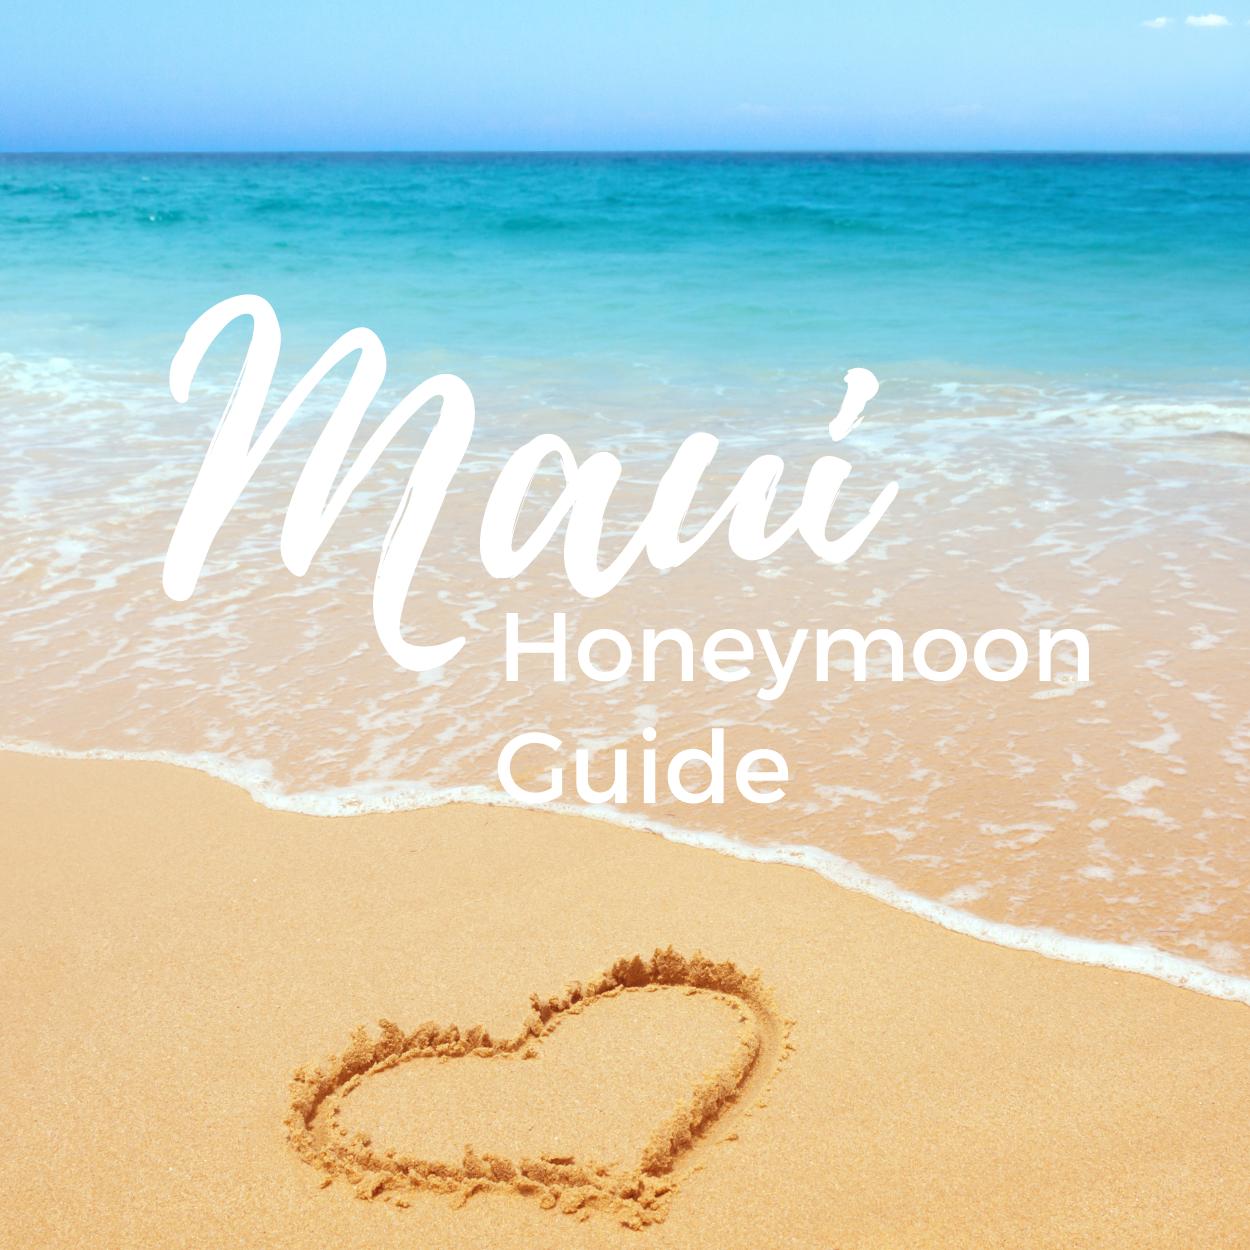 15 Things to Do on a Maui Honeymoon